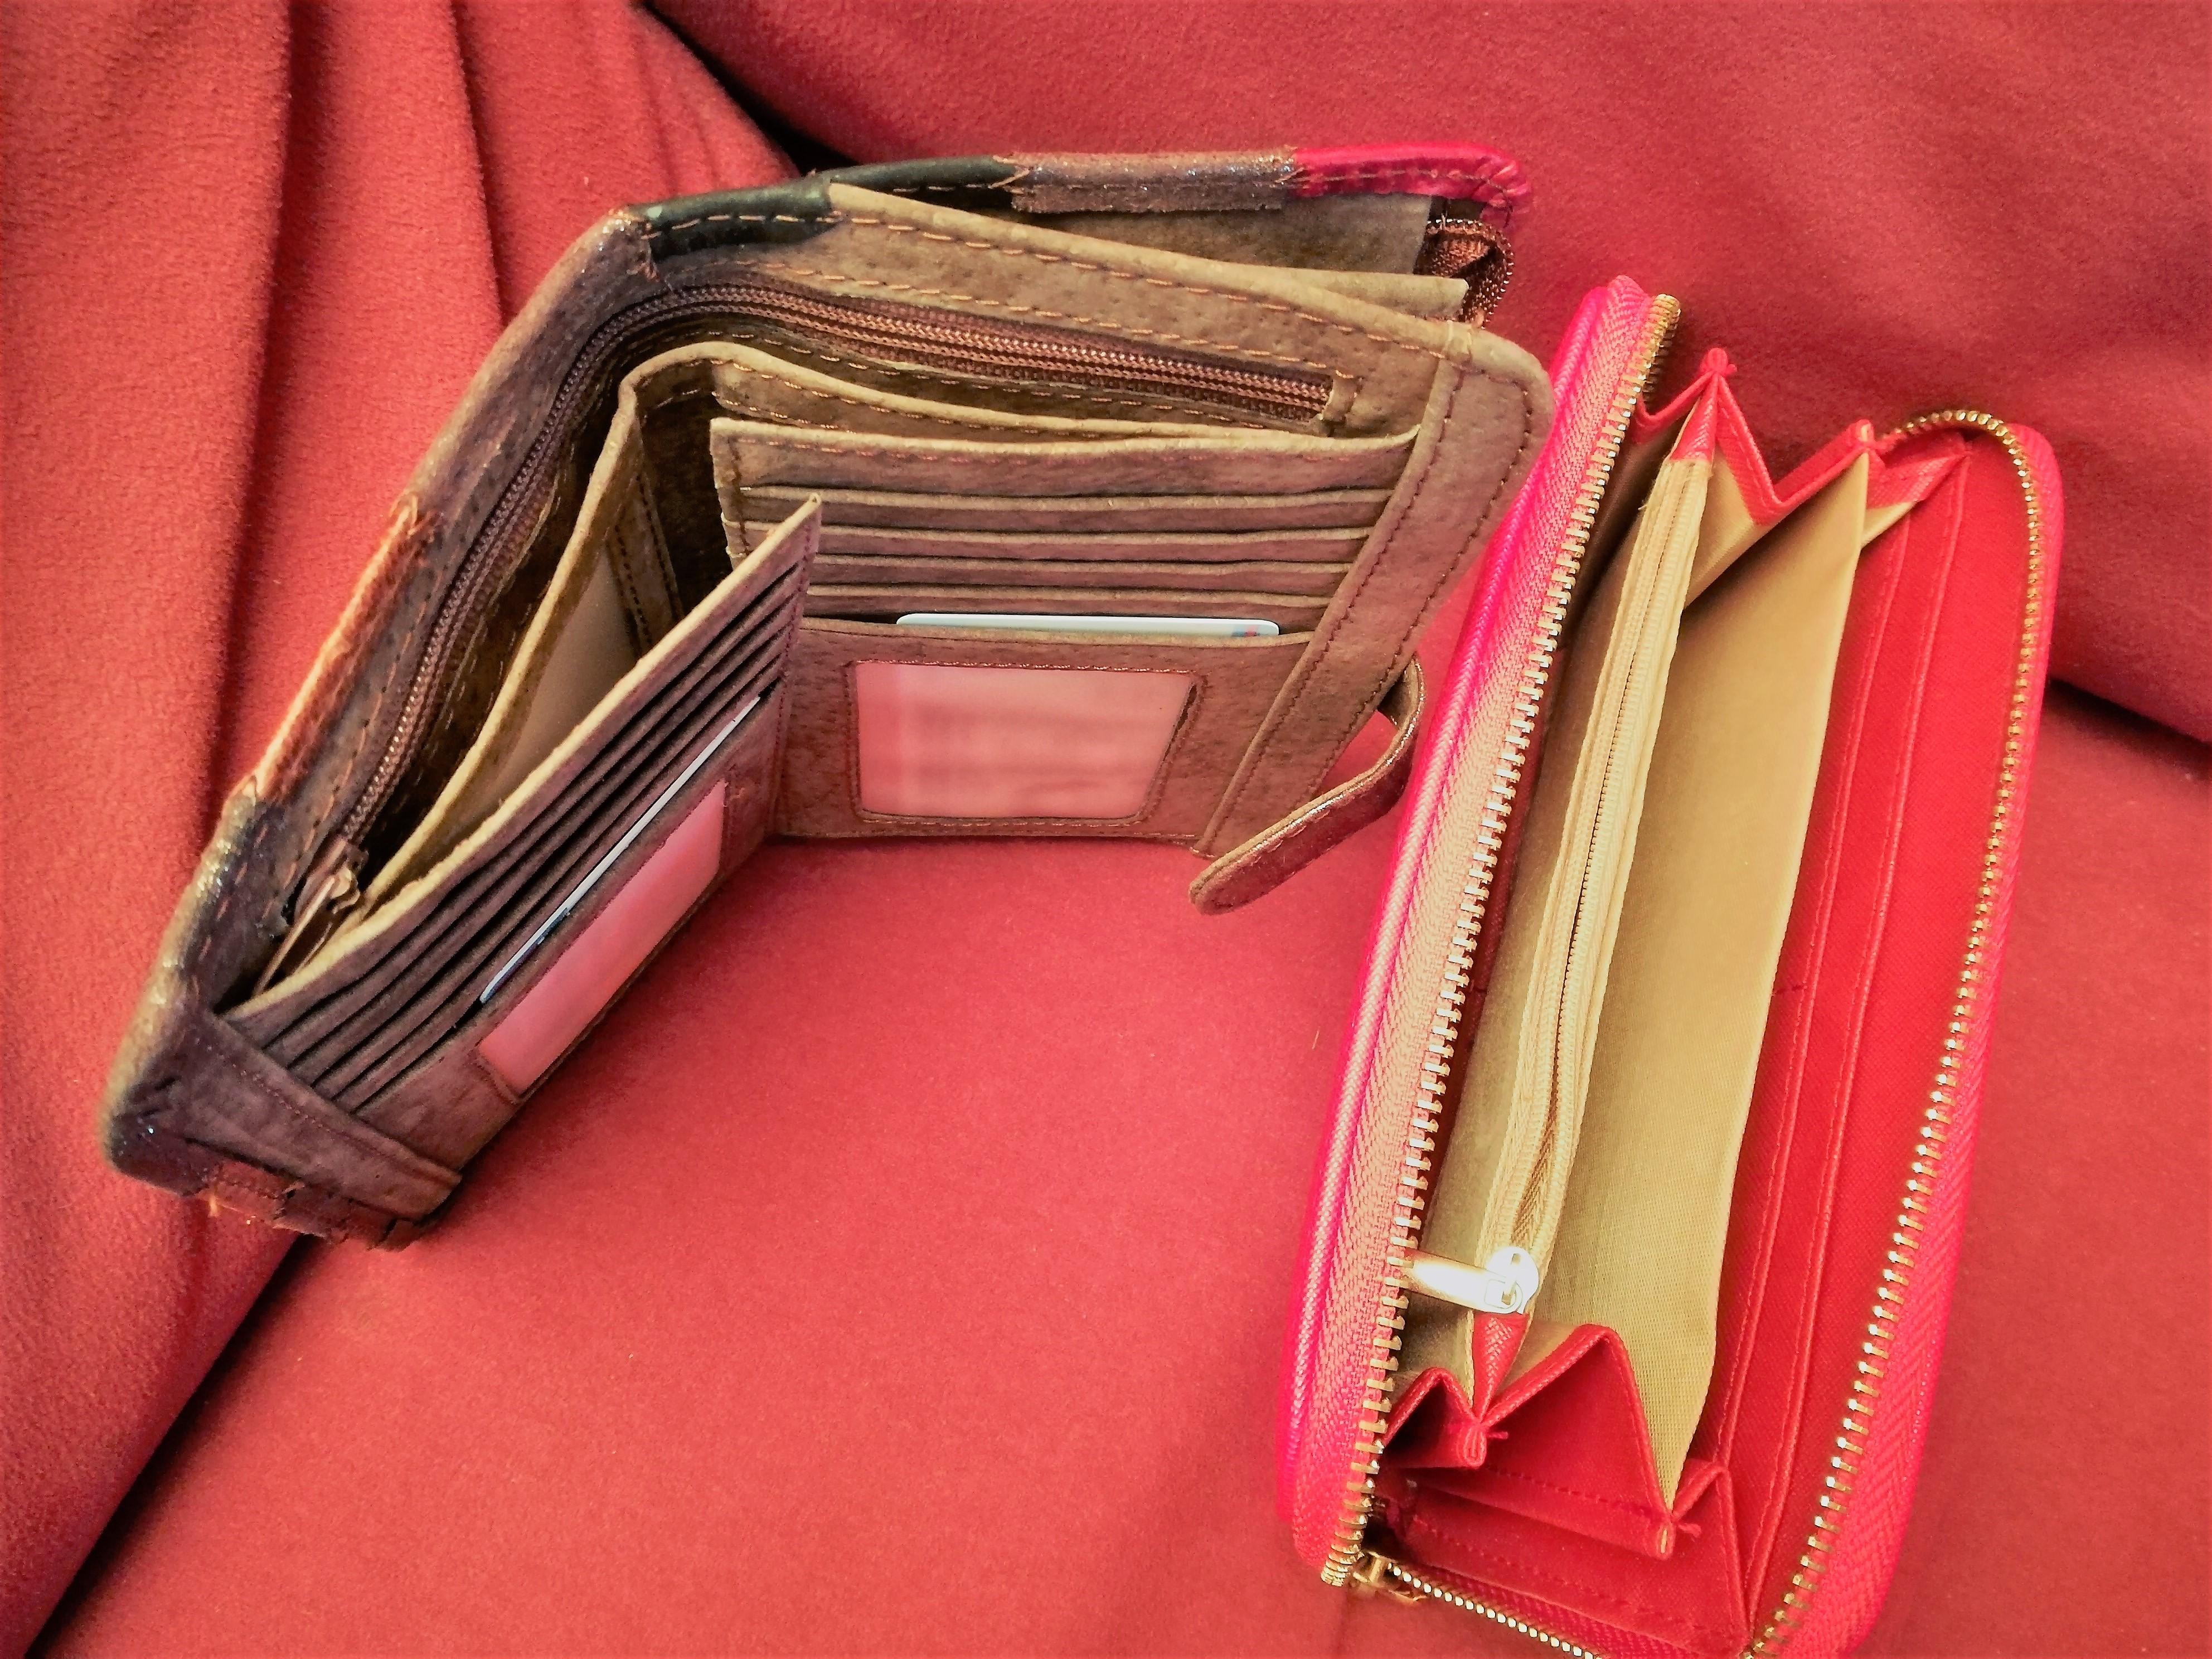 Togliere la gestione del denaro ad un genitore